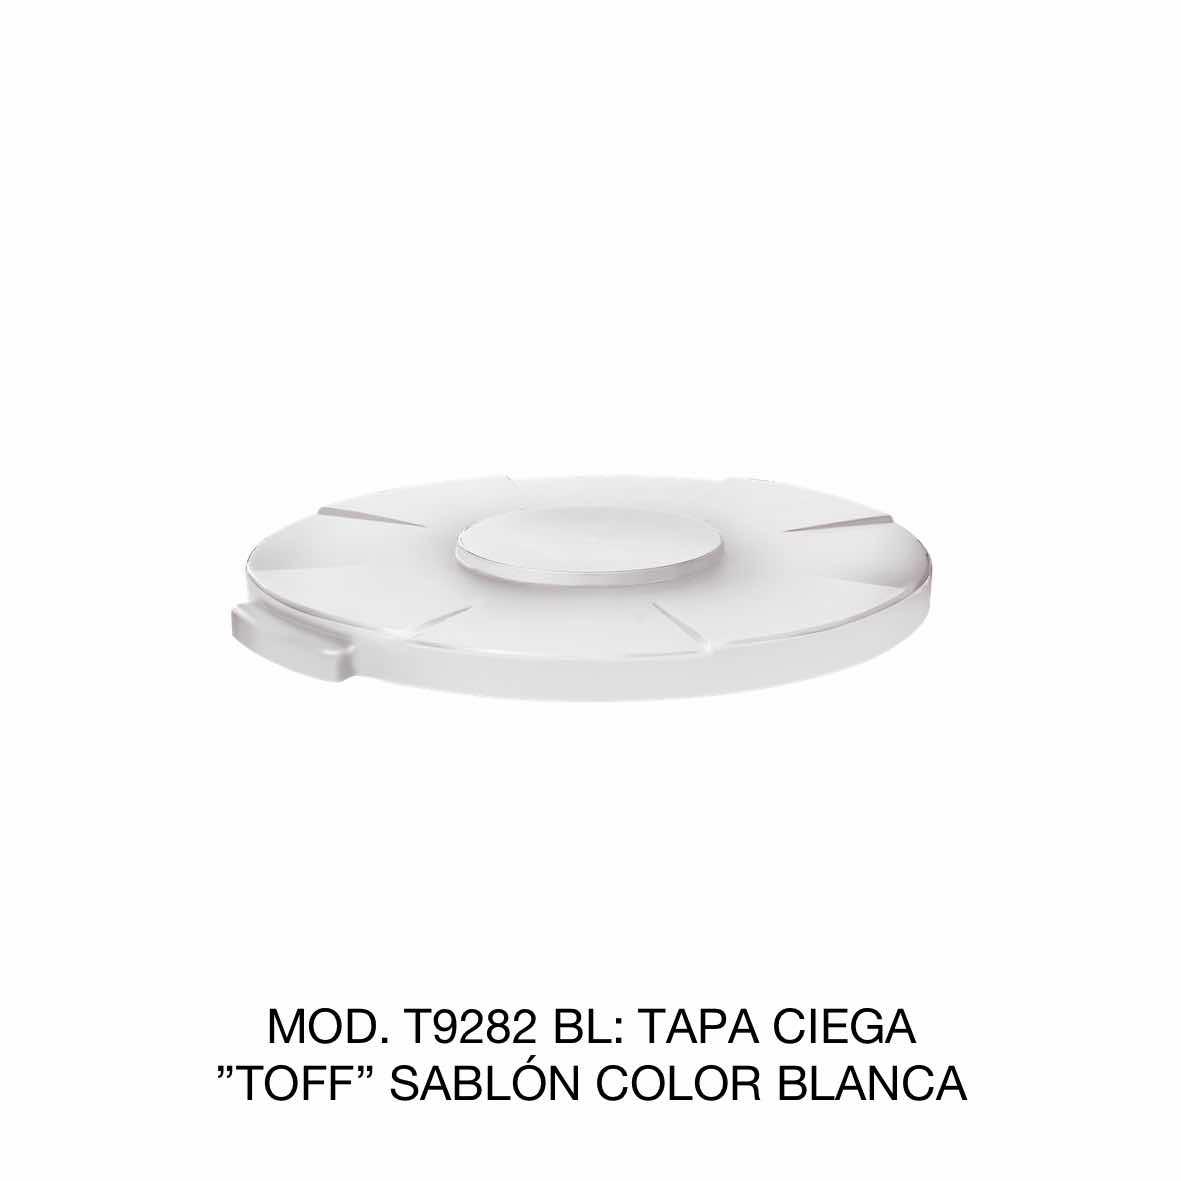 Tapa para contenedor de basura de 120 litros TOFF modelo T9282 BL color blanco de Sablón